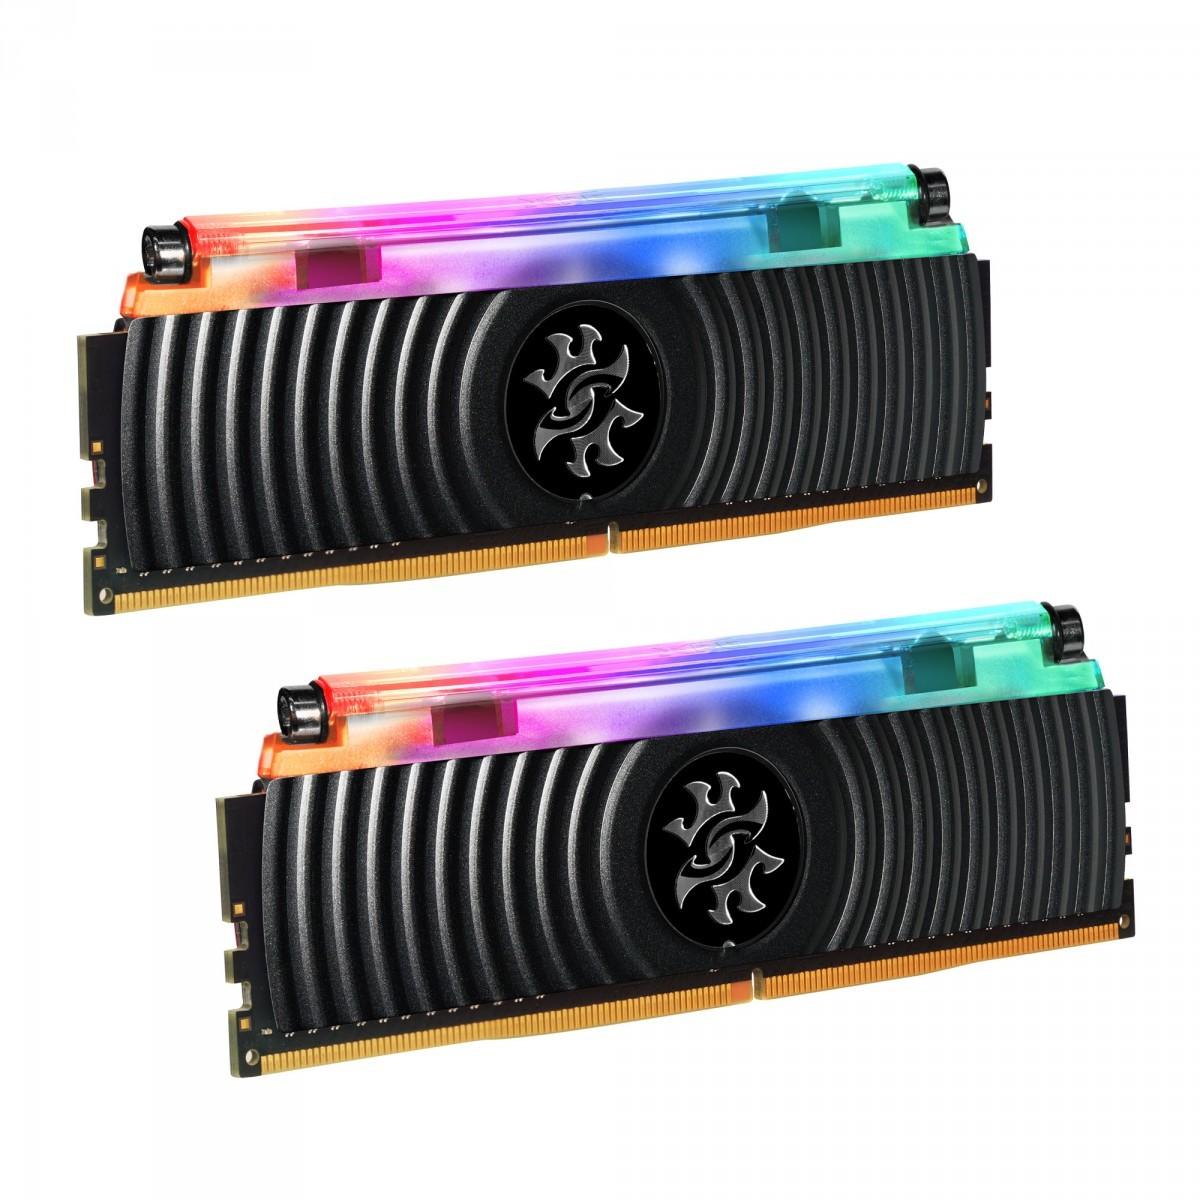 Memória DDR4 XPG Spectrix D80, 16GB (2x8GB), 3200Mhz, CL16, RGB, Black, AX4U320038G16A-DB80